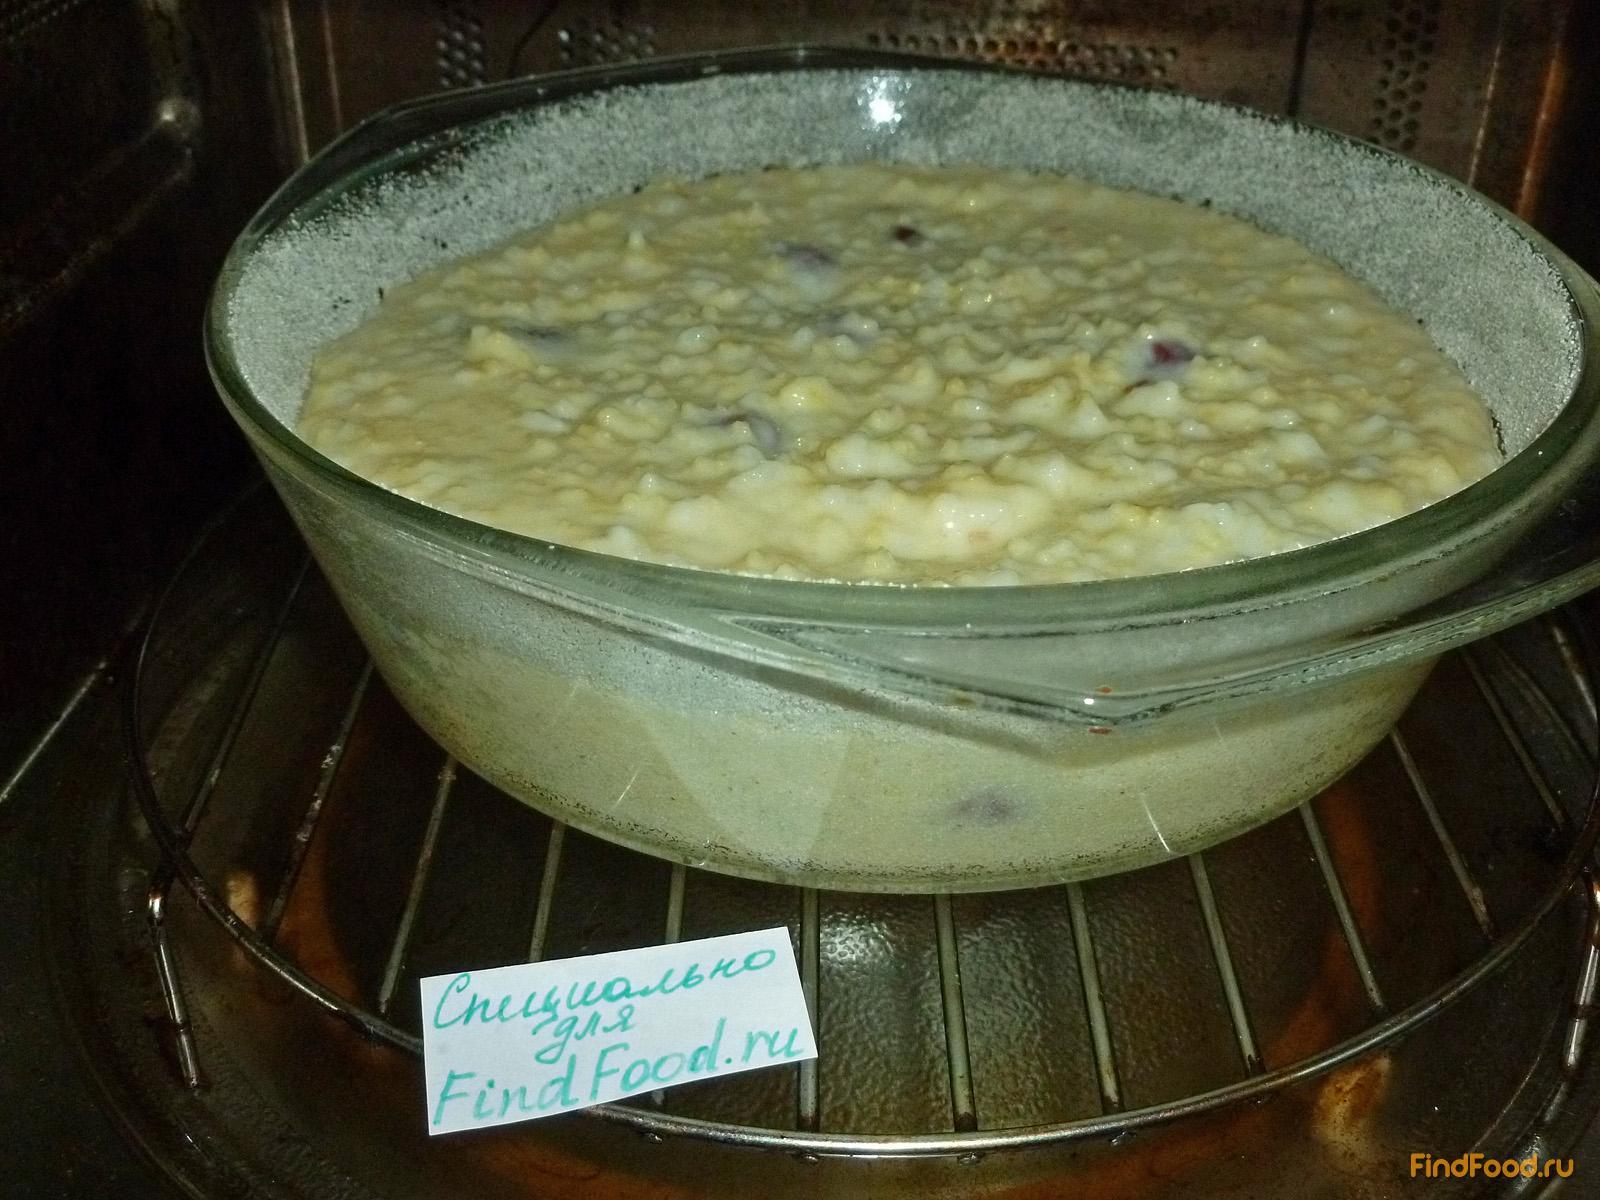 Крупеник из риса и пшена с вишней рецепт с фото 6-го шага